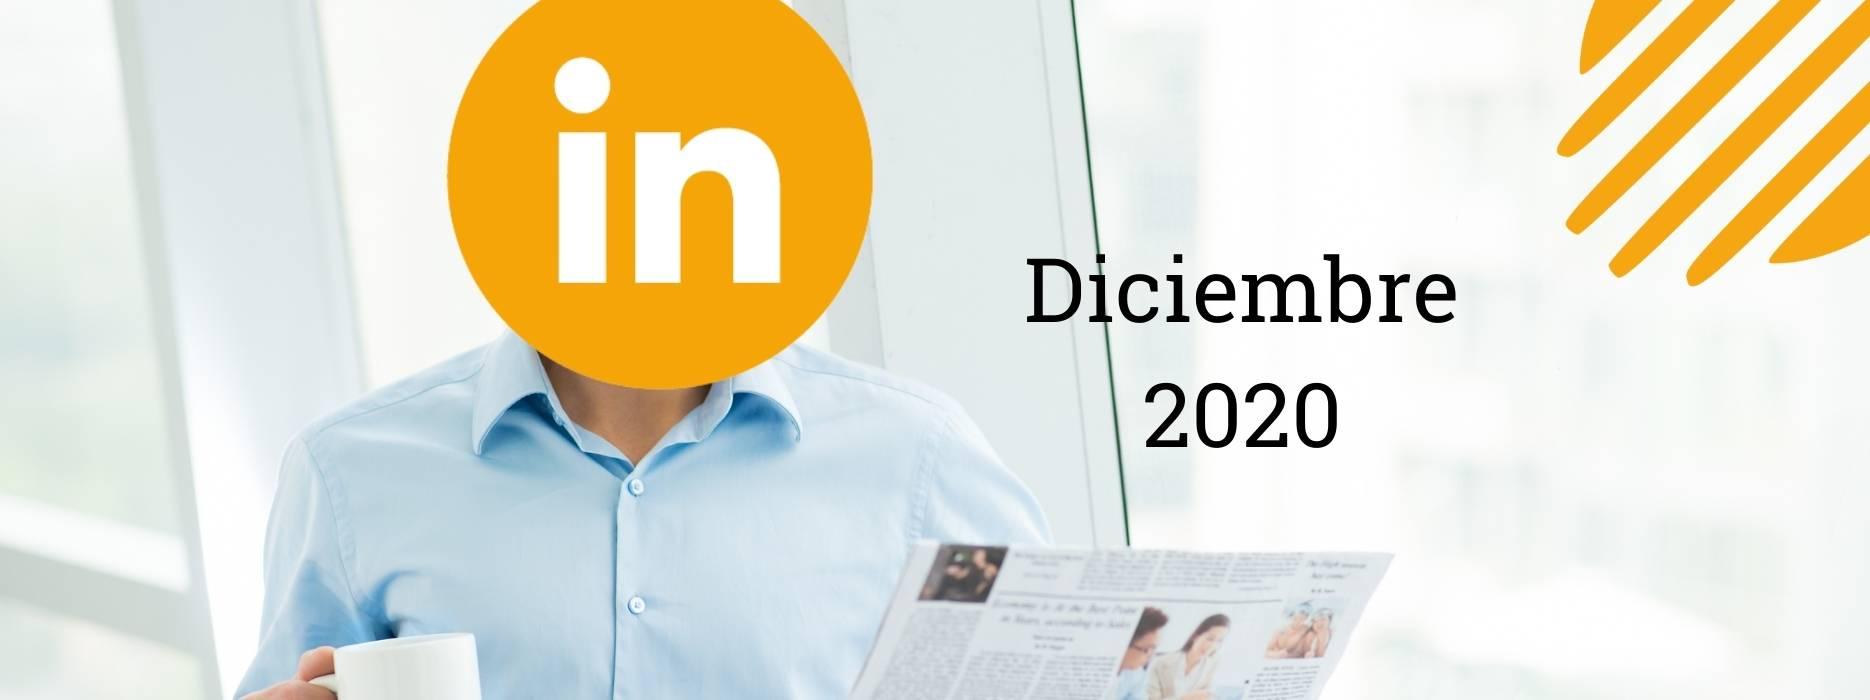 Últimas noticias Diciembre 2020